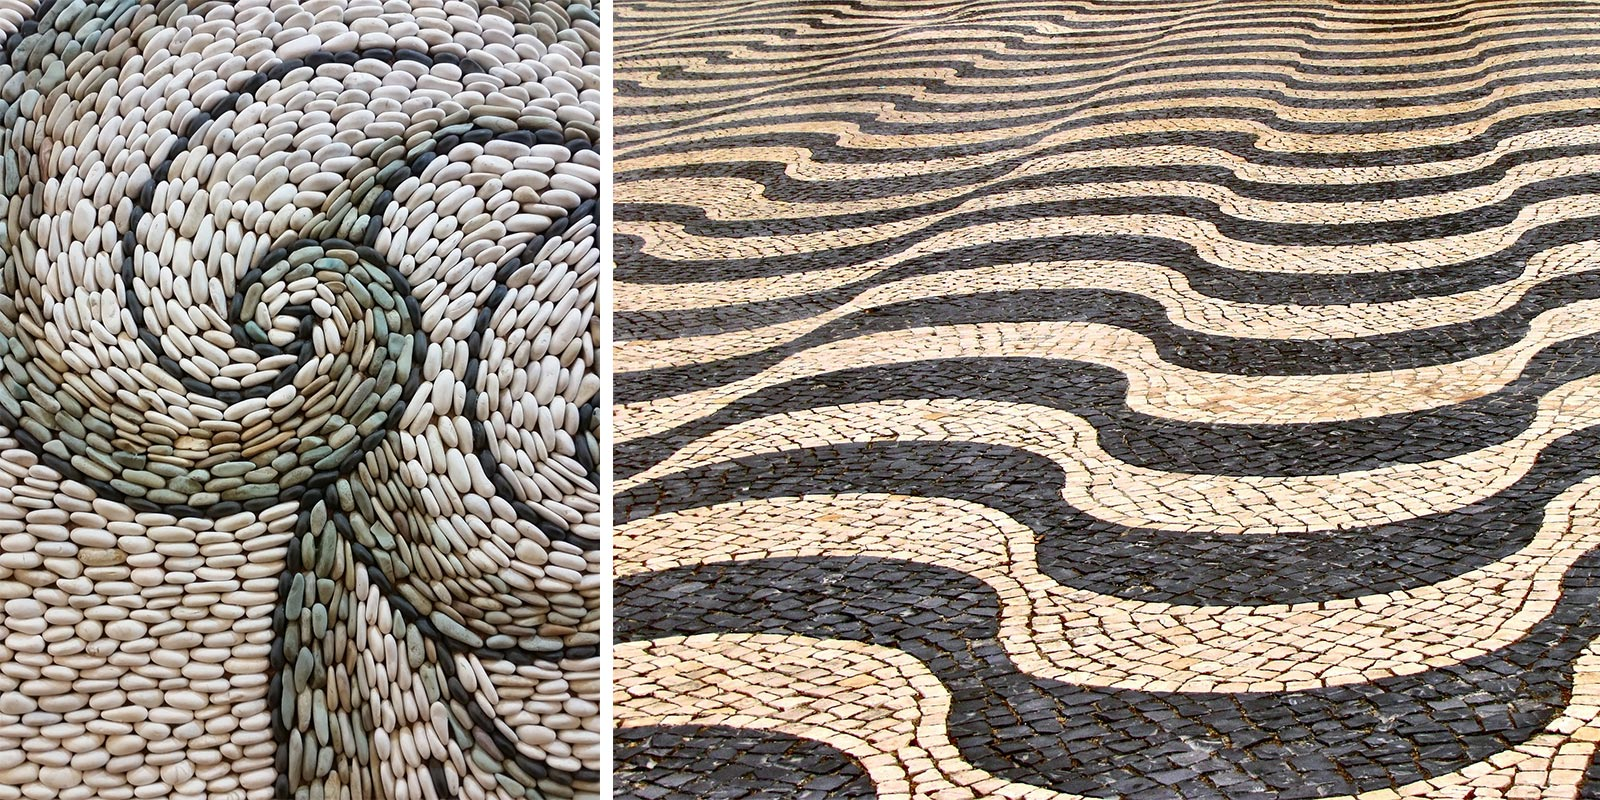 Paving patterns